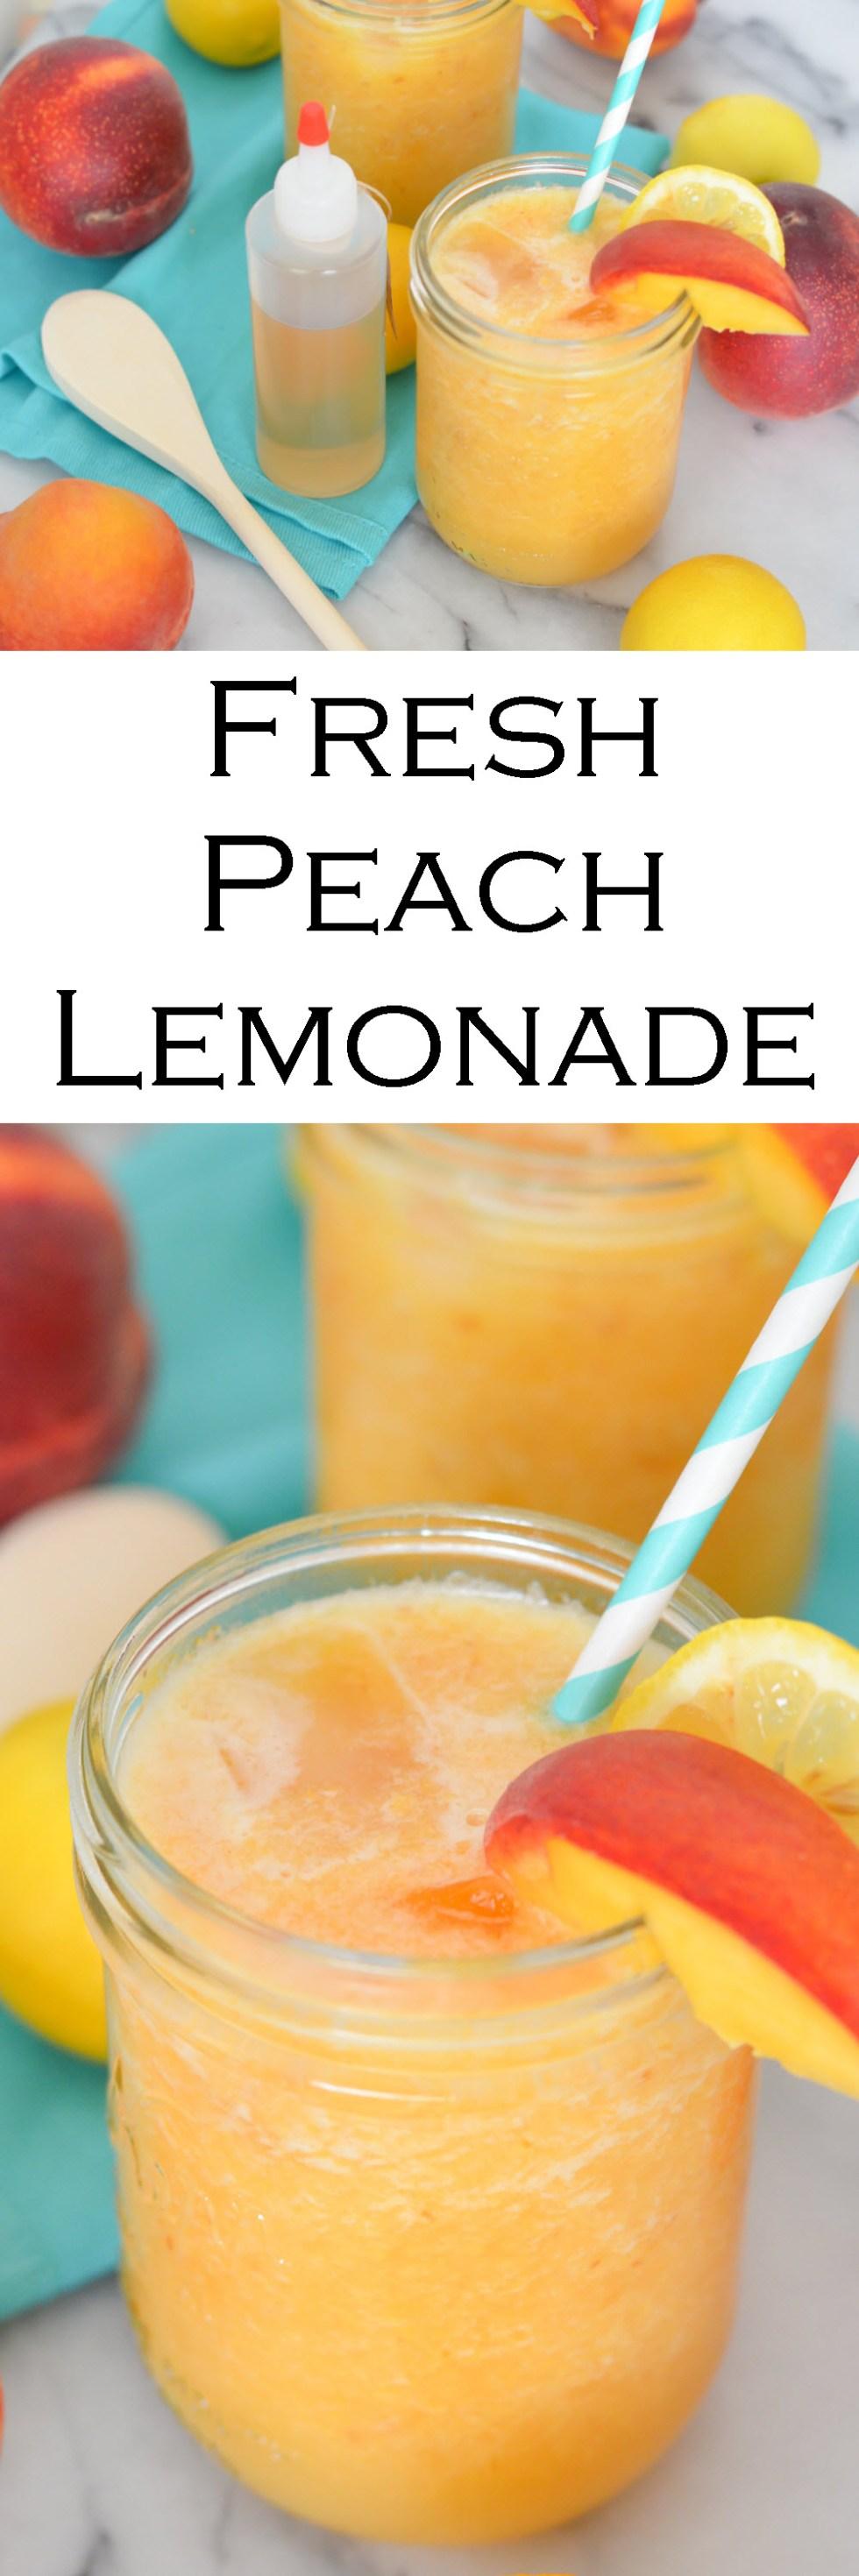 Fresh Peach Lemonade Made w. Peach Puree